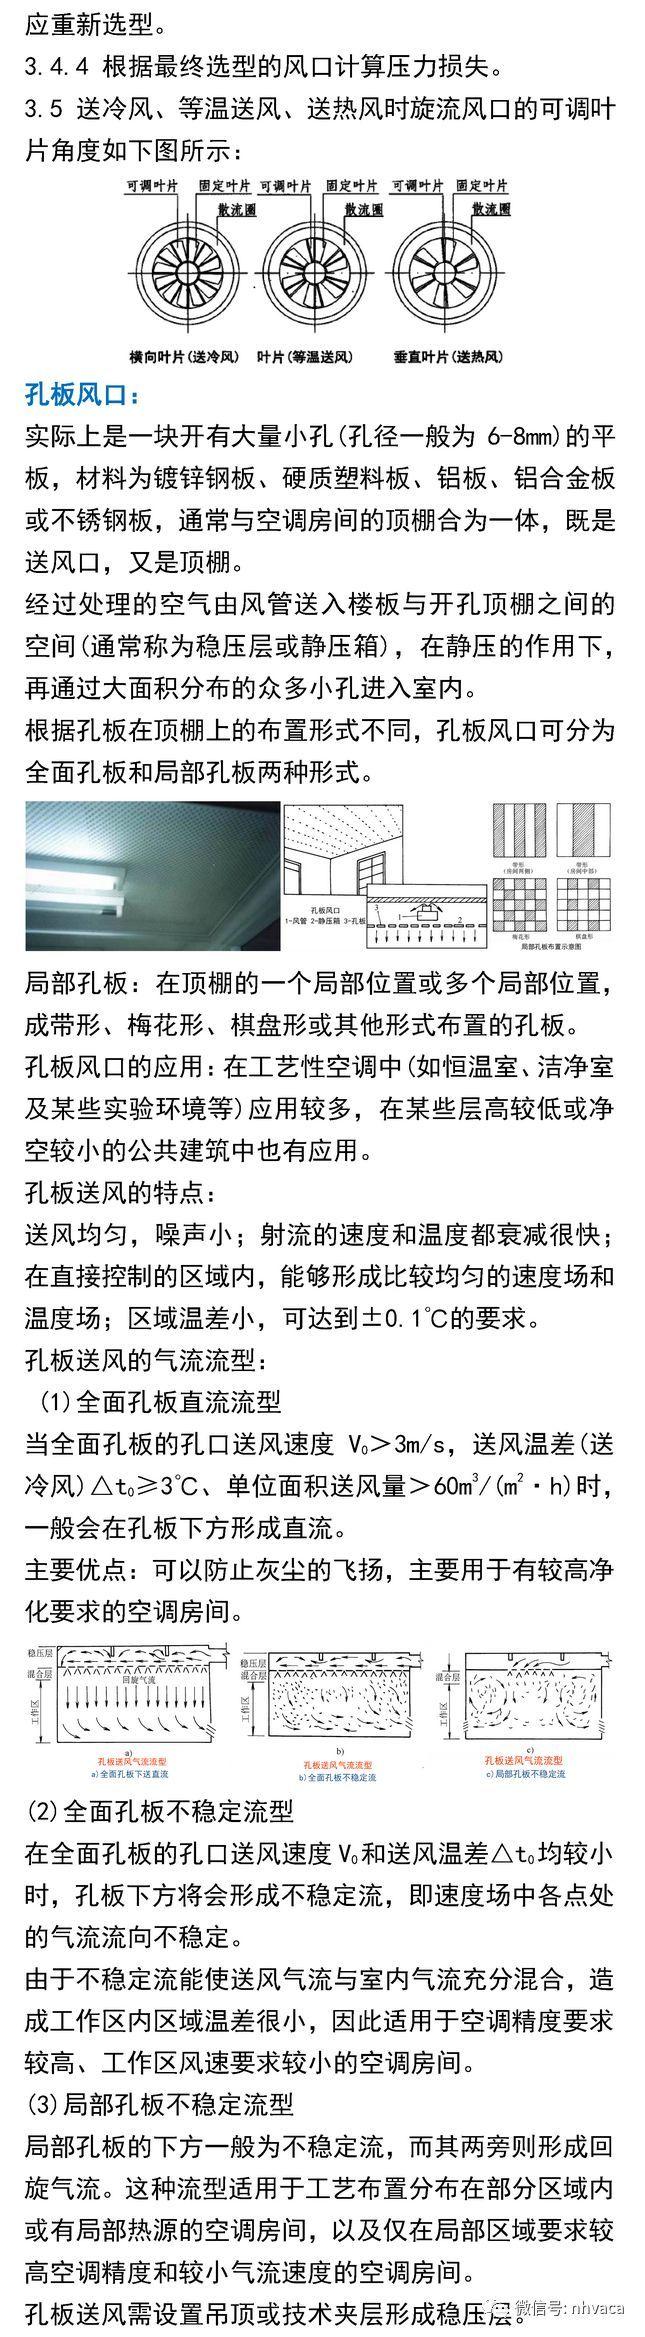 风口散流器与气流组织综合应用手册_10